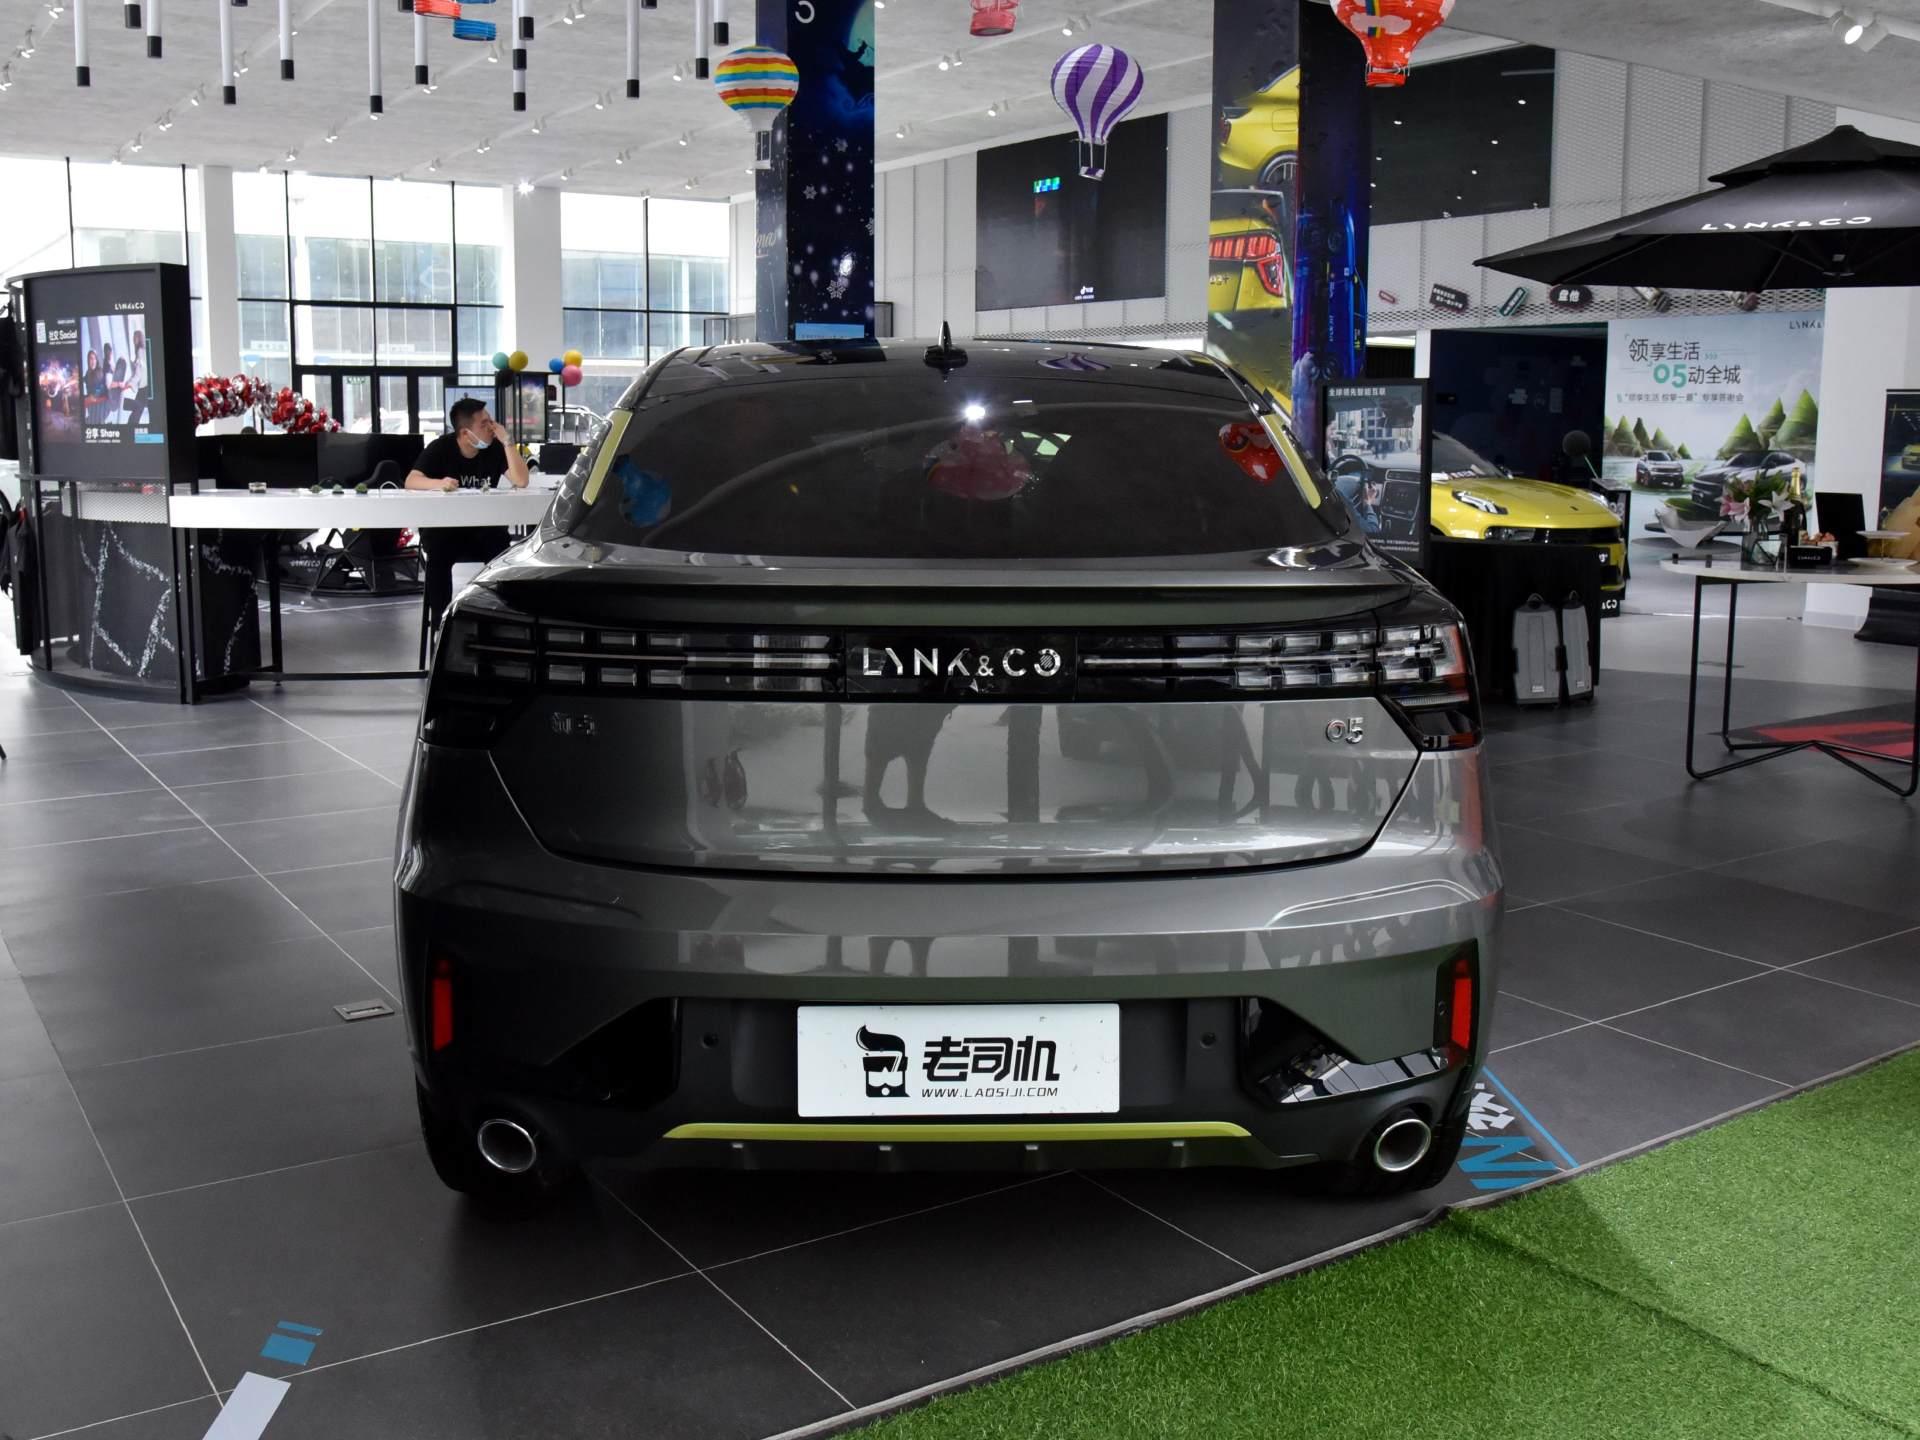 這臺中國車成功瞭,2.0T動力不輸CRV,空間不輸途嶽,油耗也不高-圖4